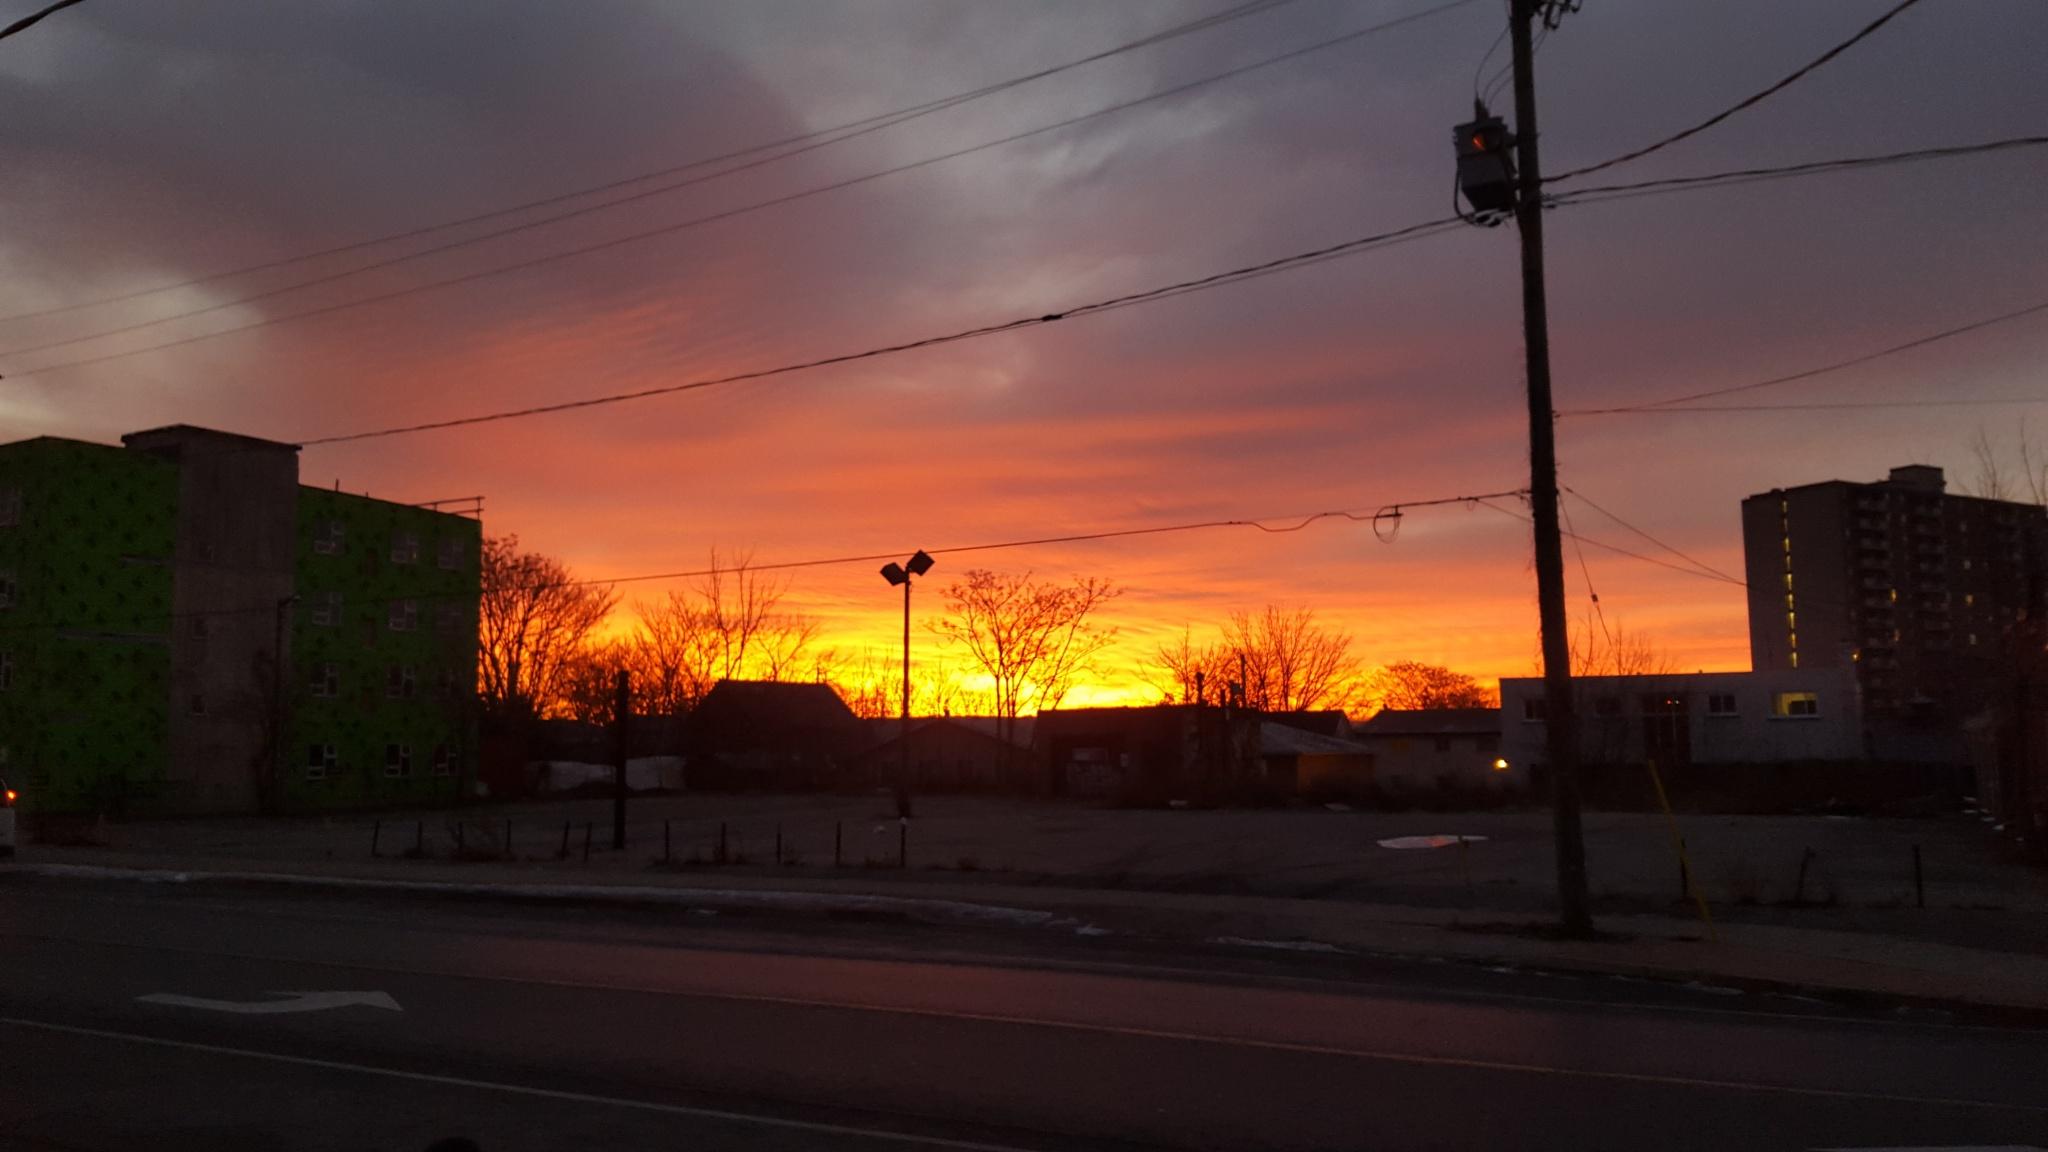 Fire sky by RegSoper